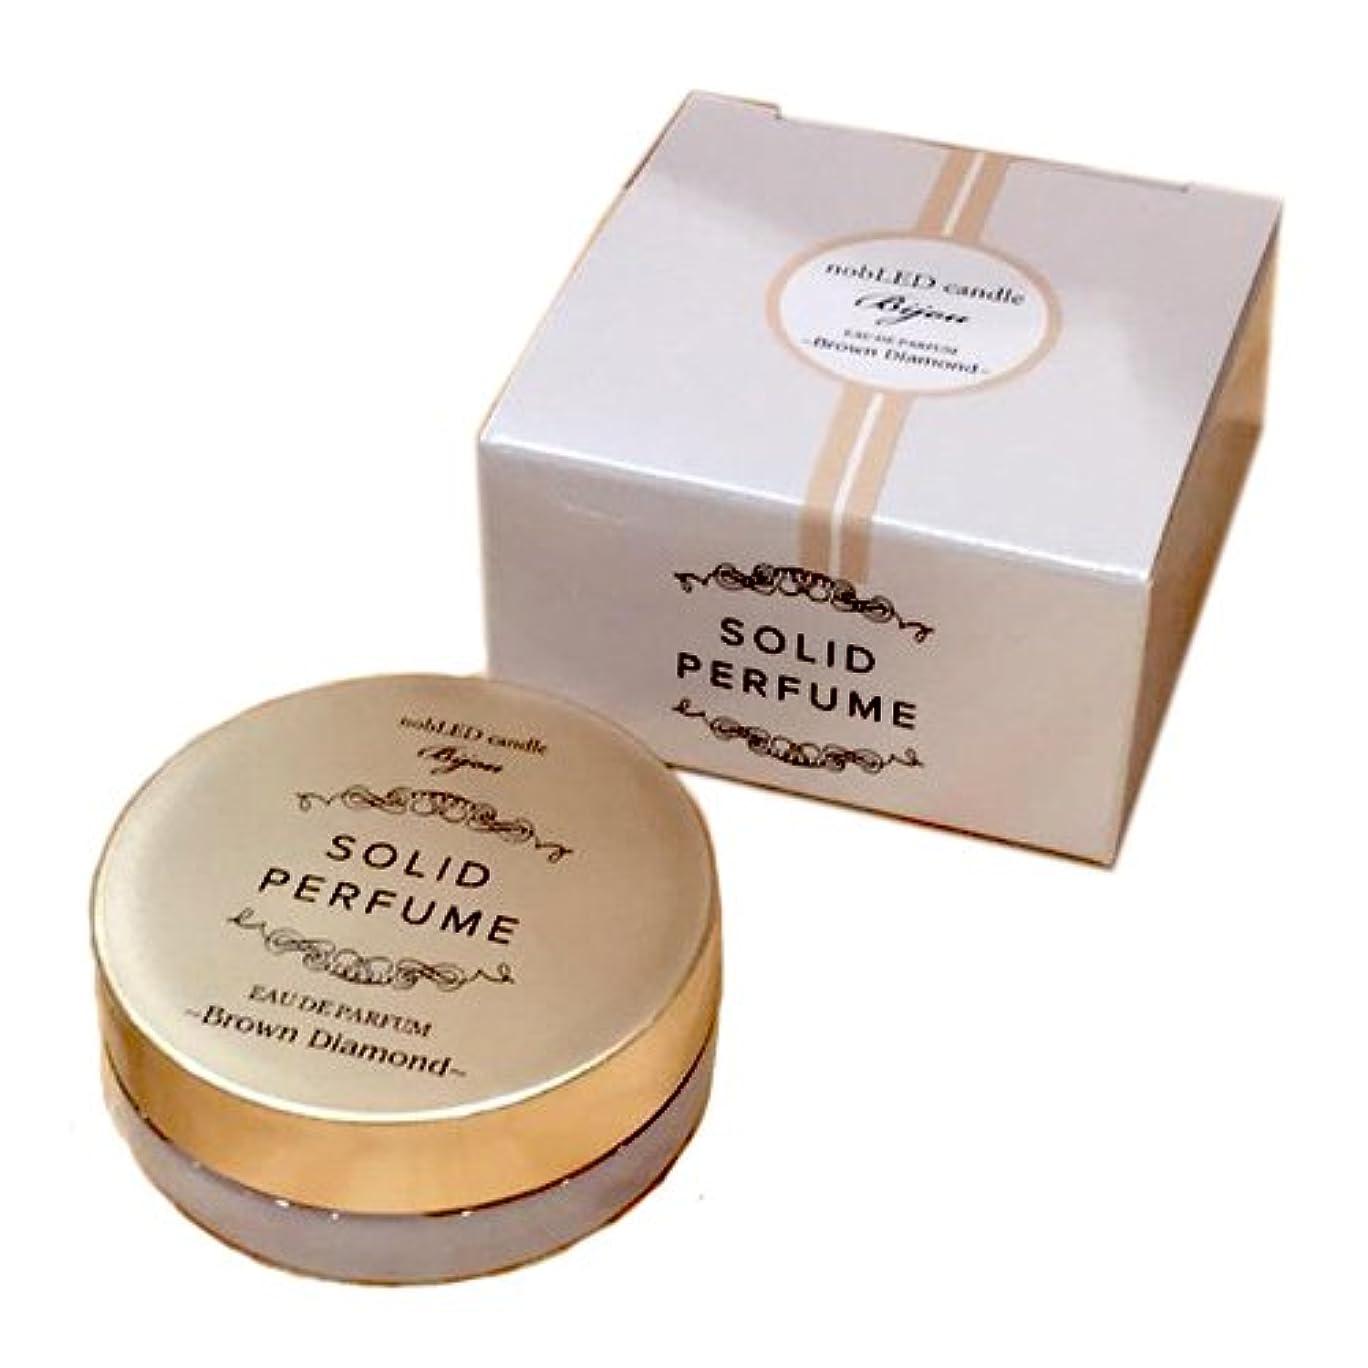 読者一般的な天のnobLED candle Bijou ソリッドパフューム ブラウンダイアモンド Brown Diamond SOLIDPERFUME ノーブレッド キャンドル ビジュー オードパルファム EAU DE PARFUM BODY...